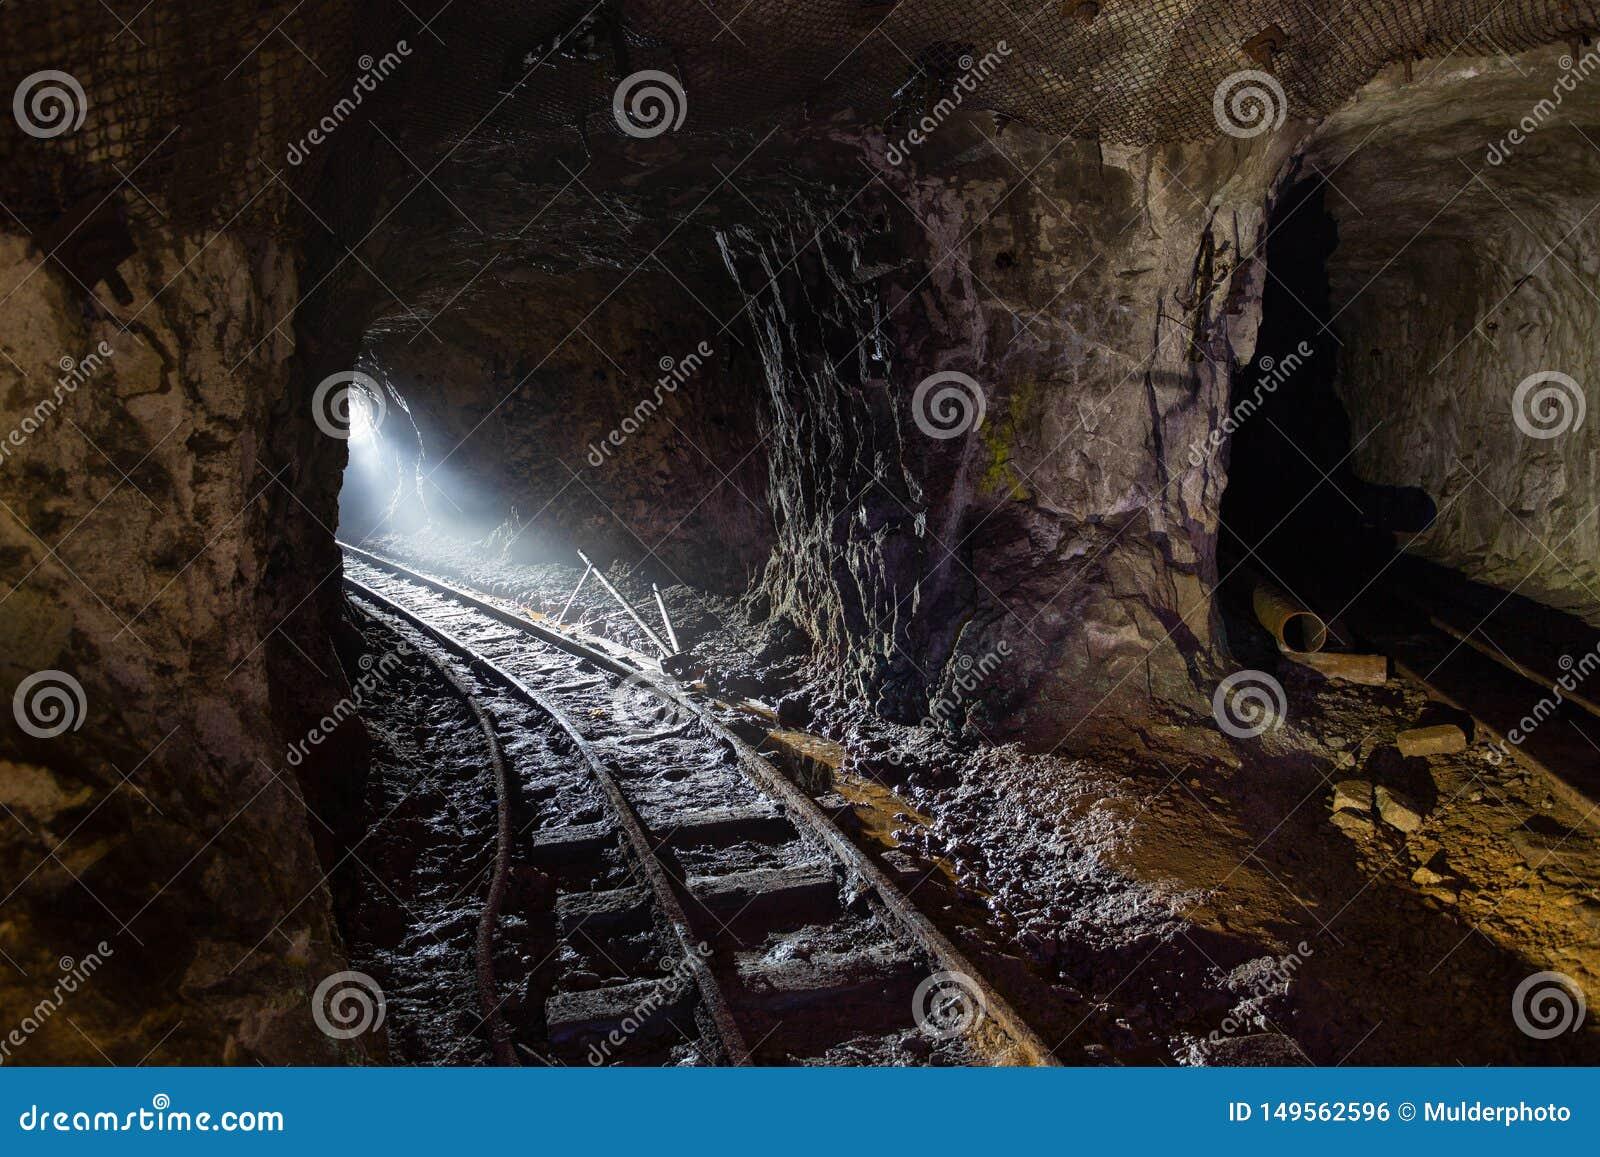 Σκοτεινό βρώμικο εγκαταλειμμένο ορυχείο ουράνιου με τα σκουριασμένα υπόλοιπα του σιδηροδρόμου